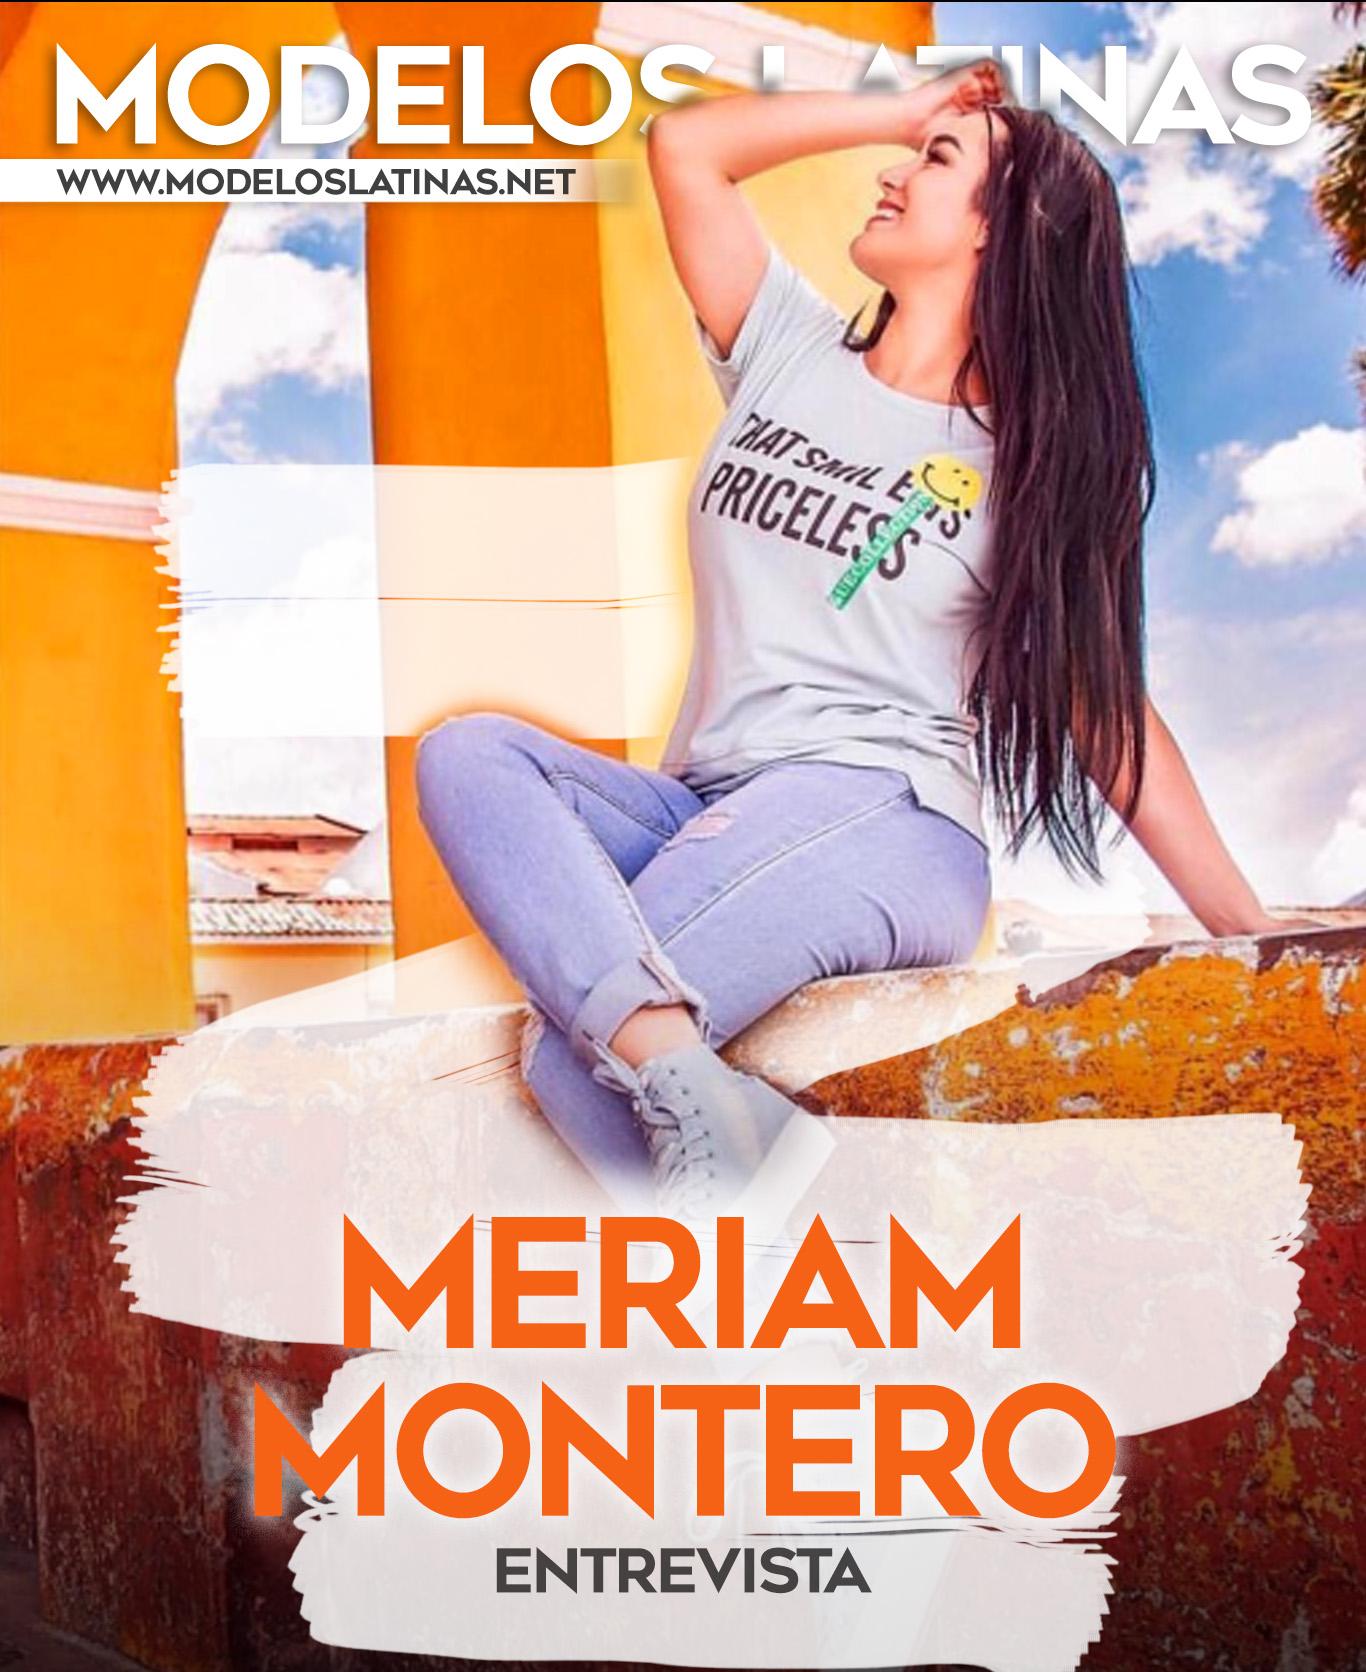 Meriam Montero